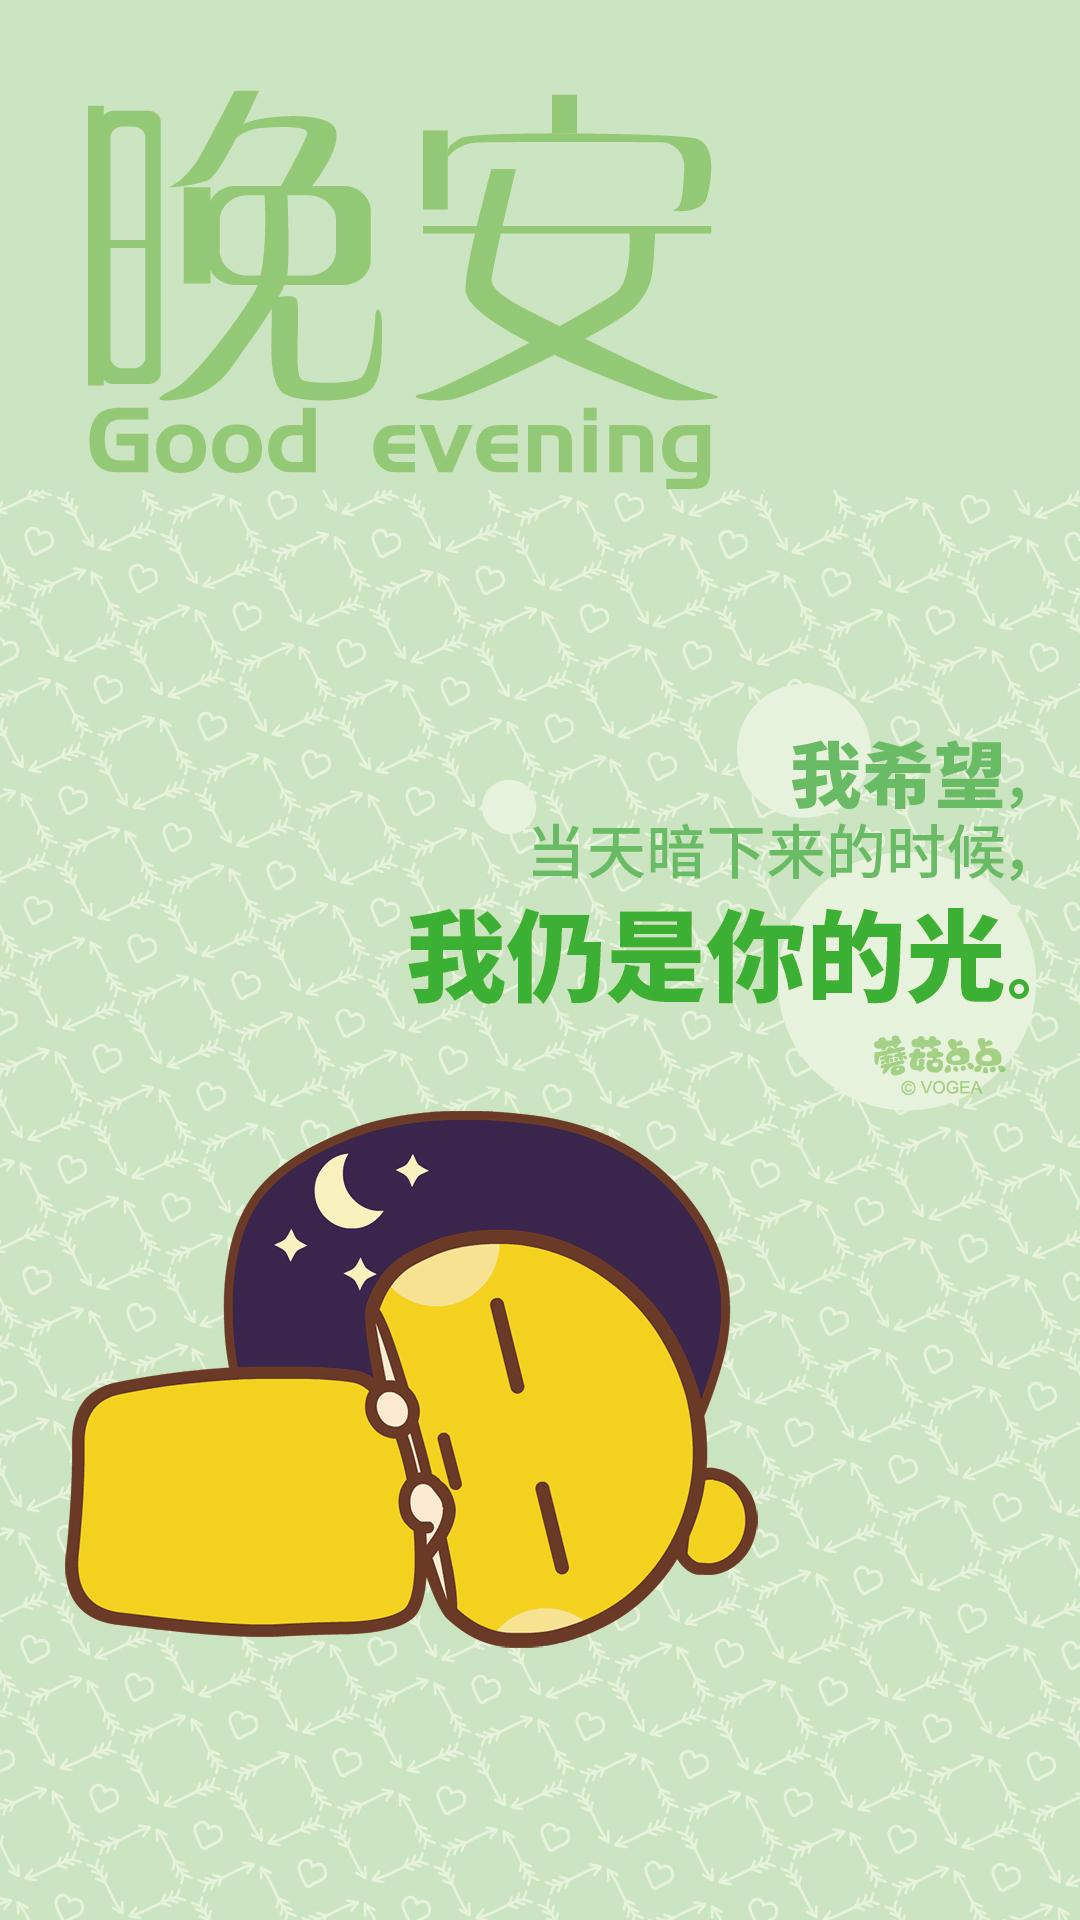 蘑菇点点情侣晚安主题手机壁纸